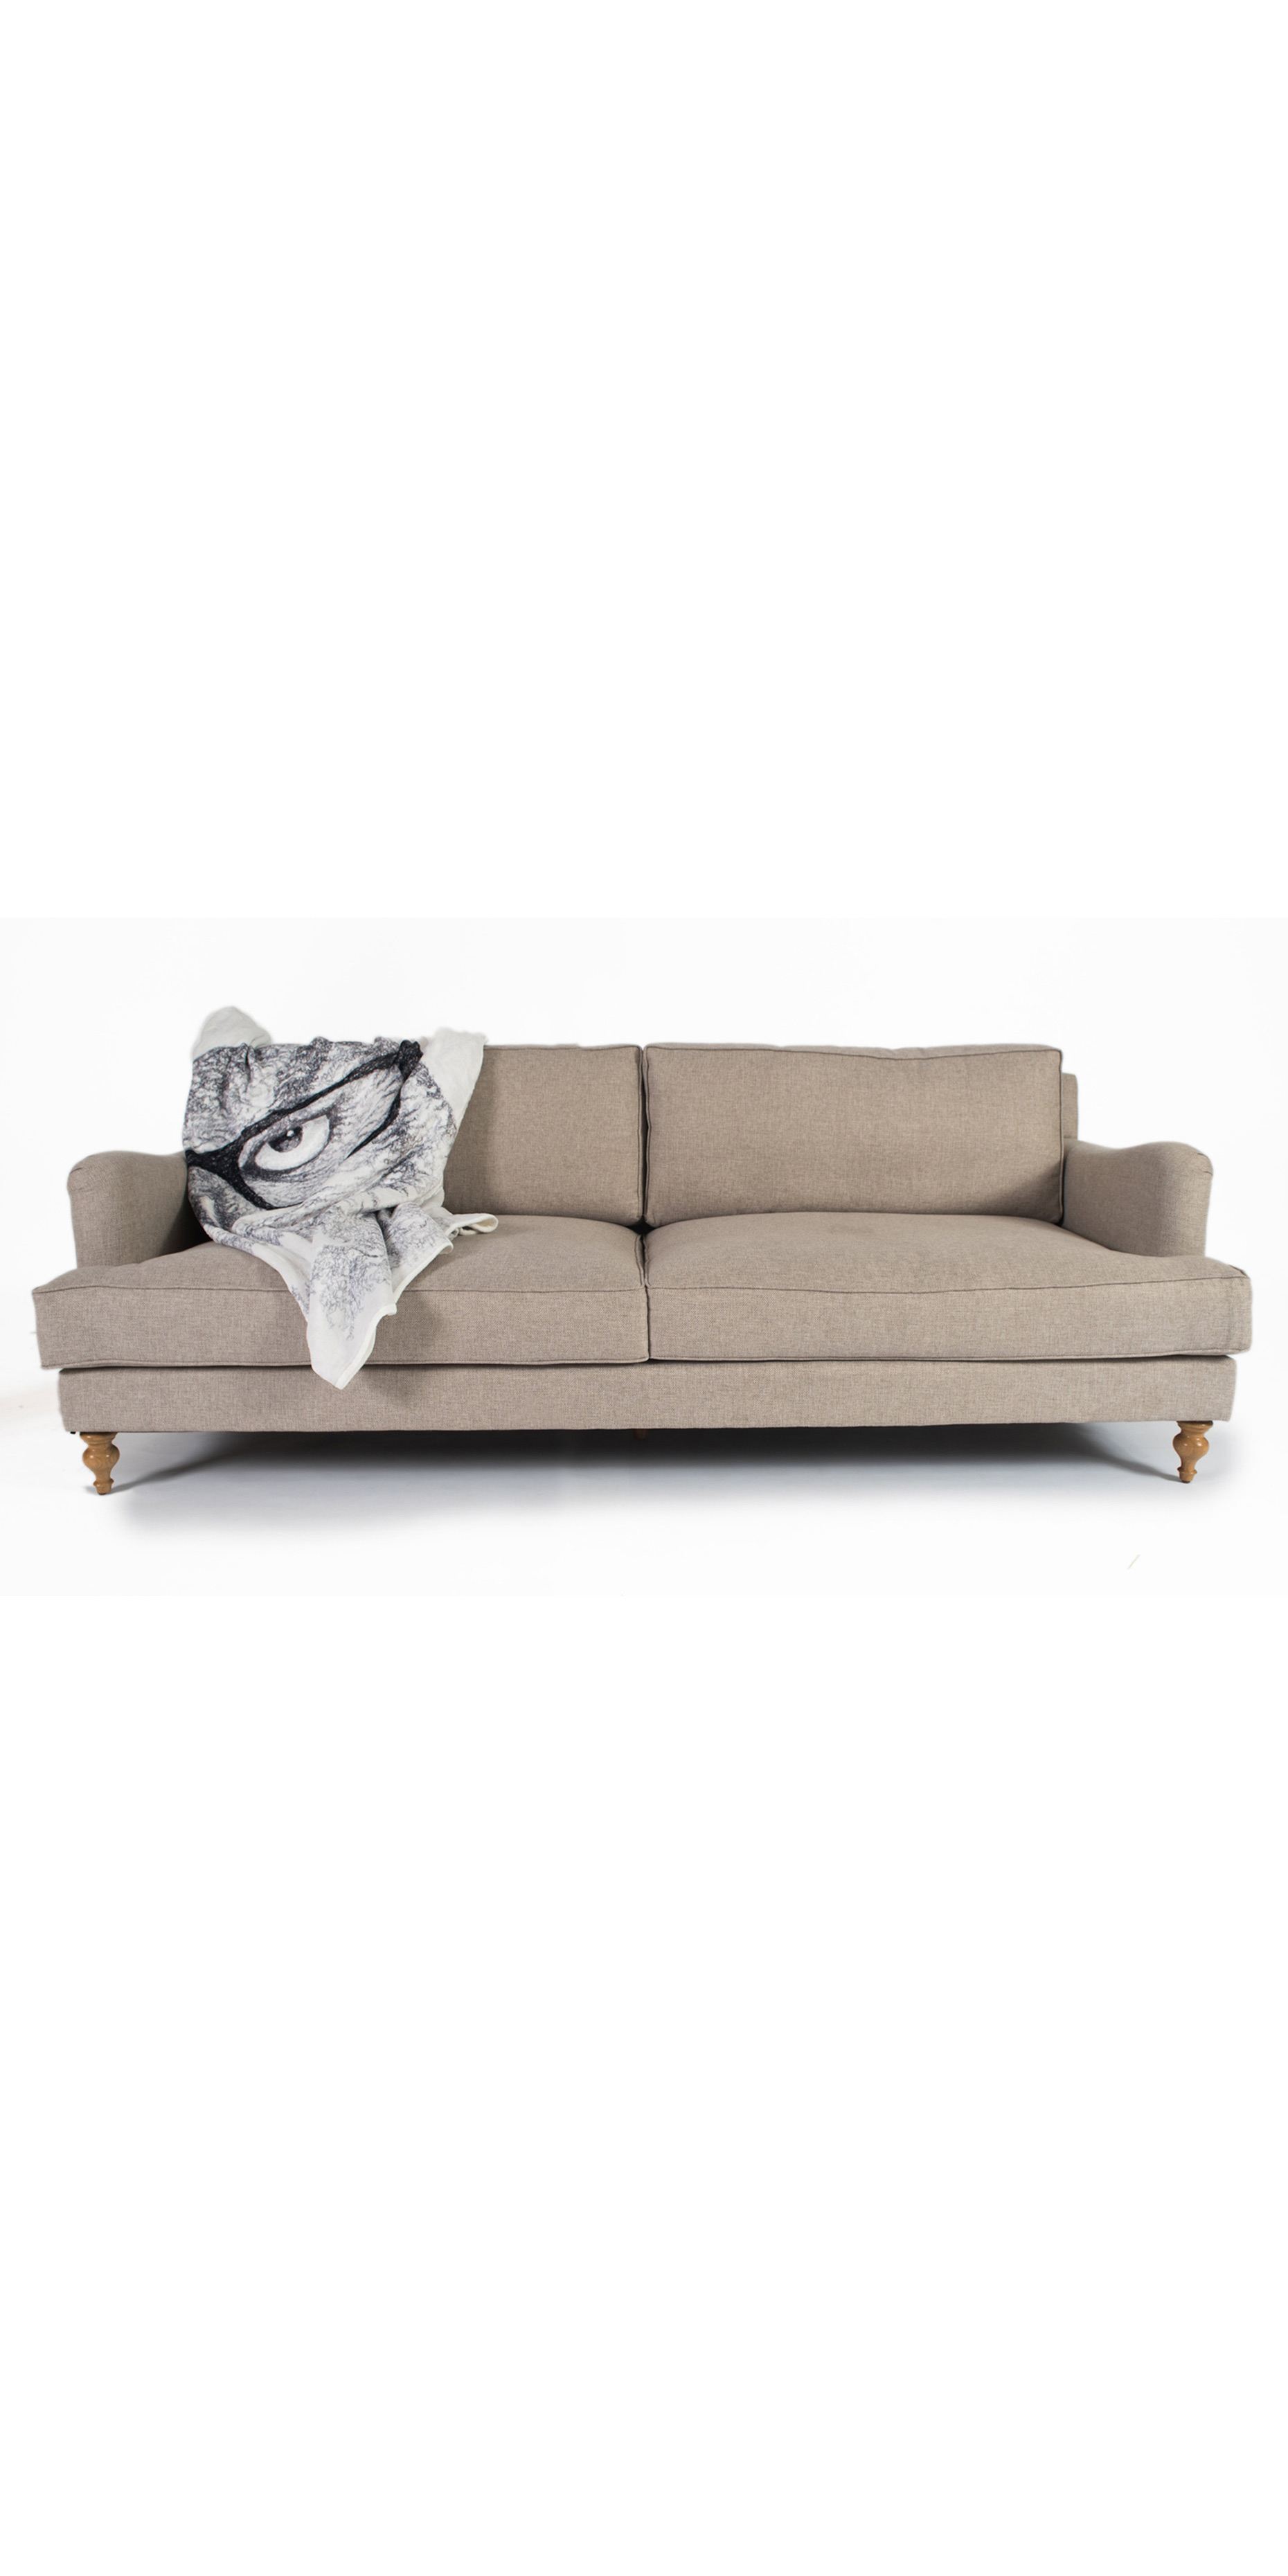 ספה קלאסית ומפנקת